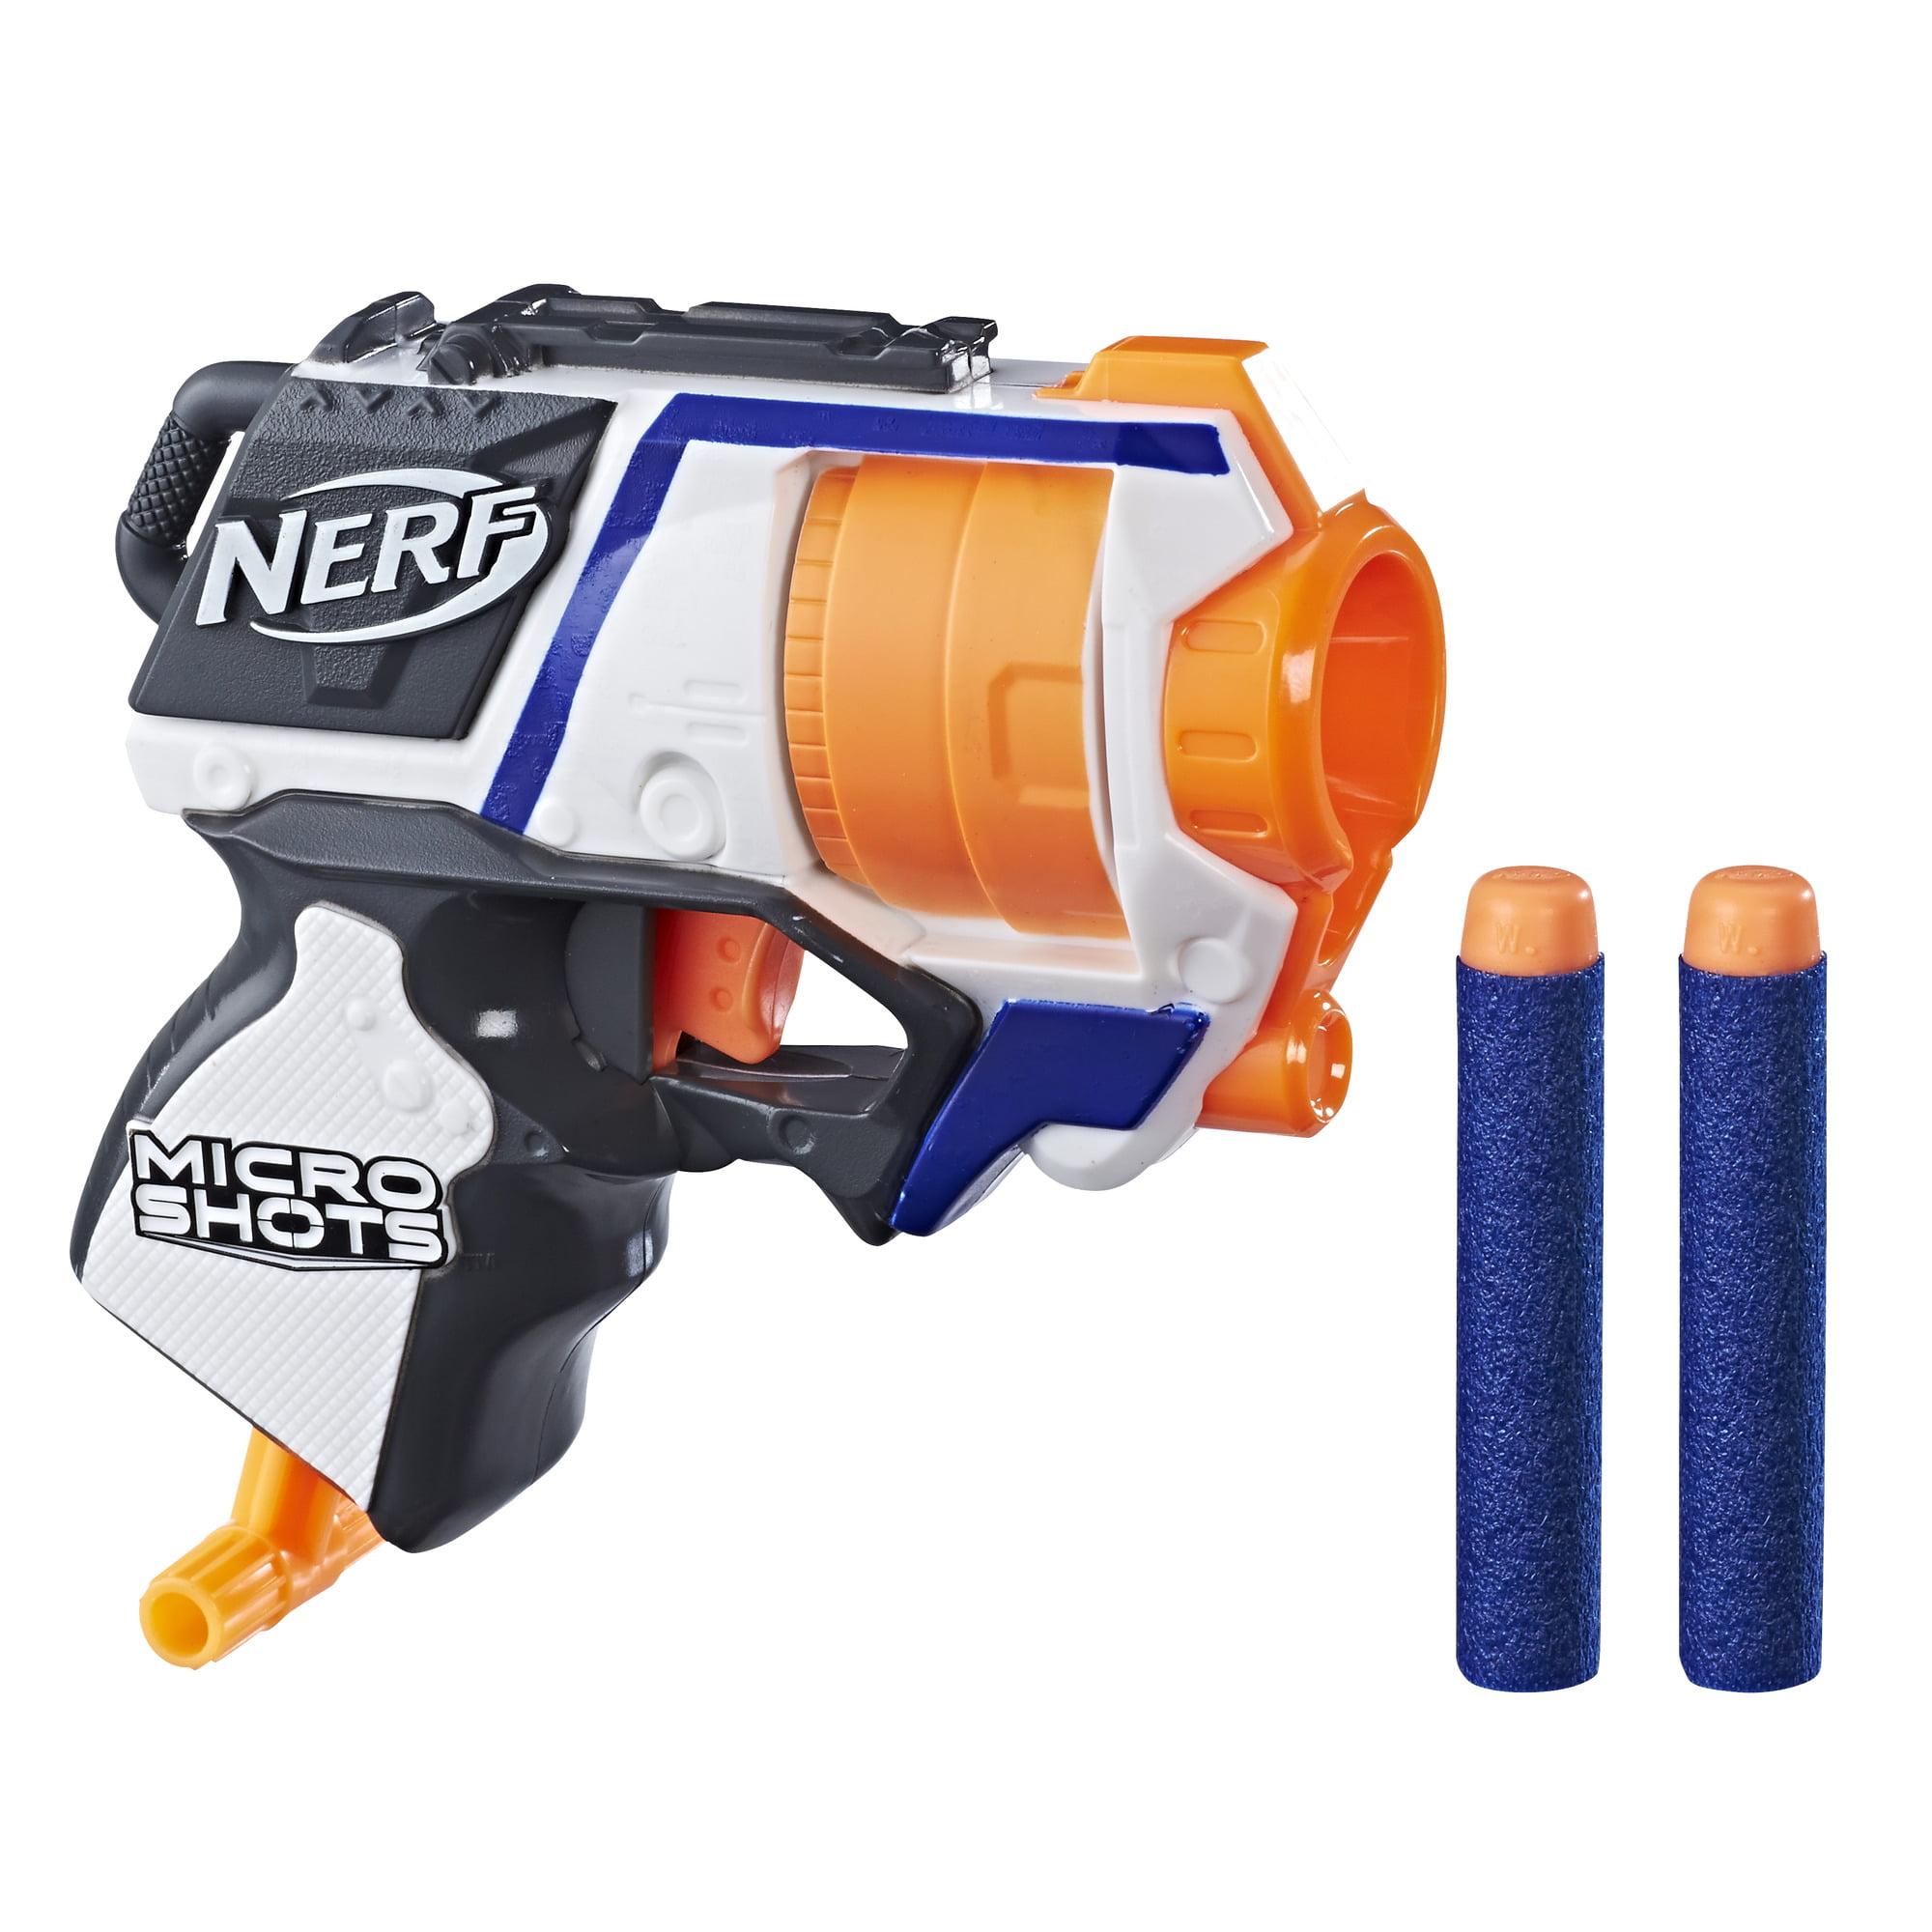 Nerf MicroShots N-Strike Elite Strongarm by Hasbro